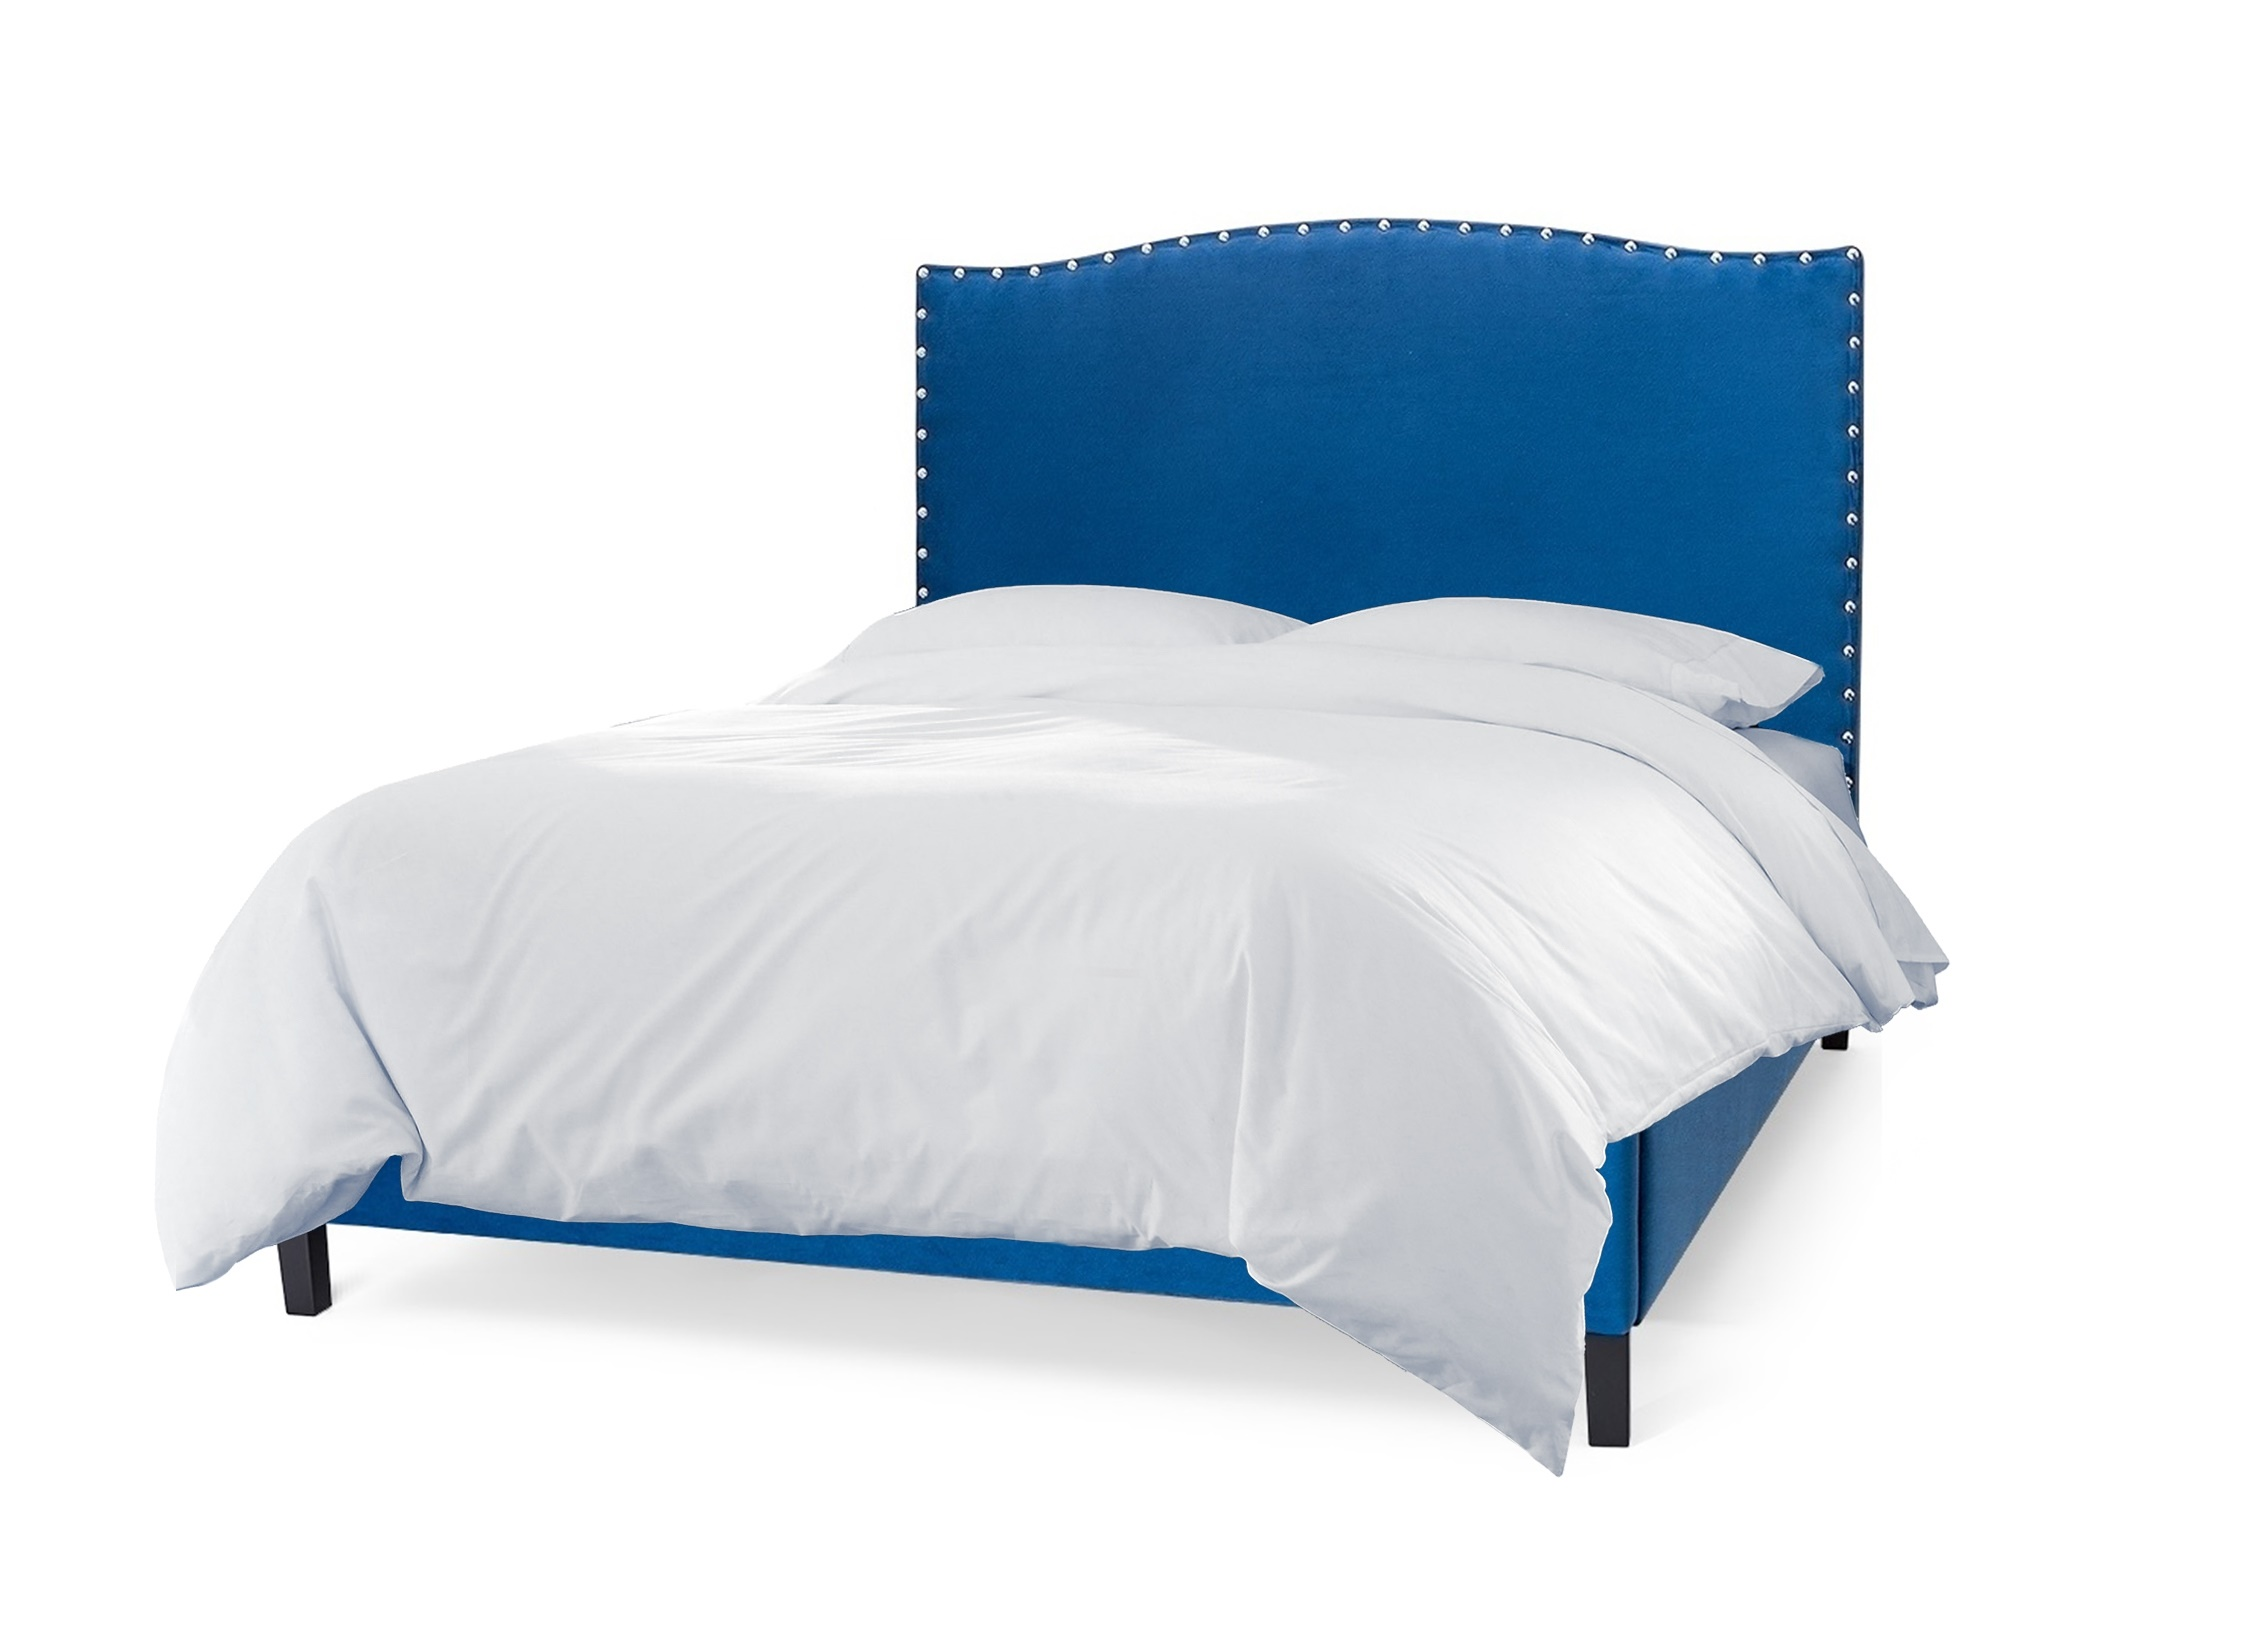 Кровать MyFurnish 15430971 от thefurnish